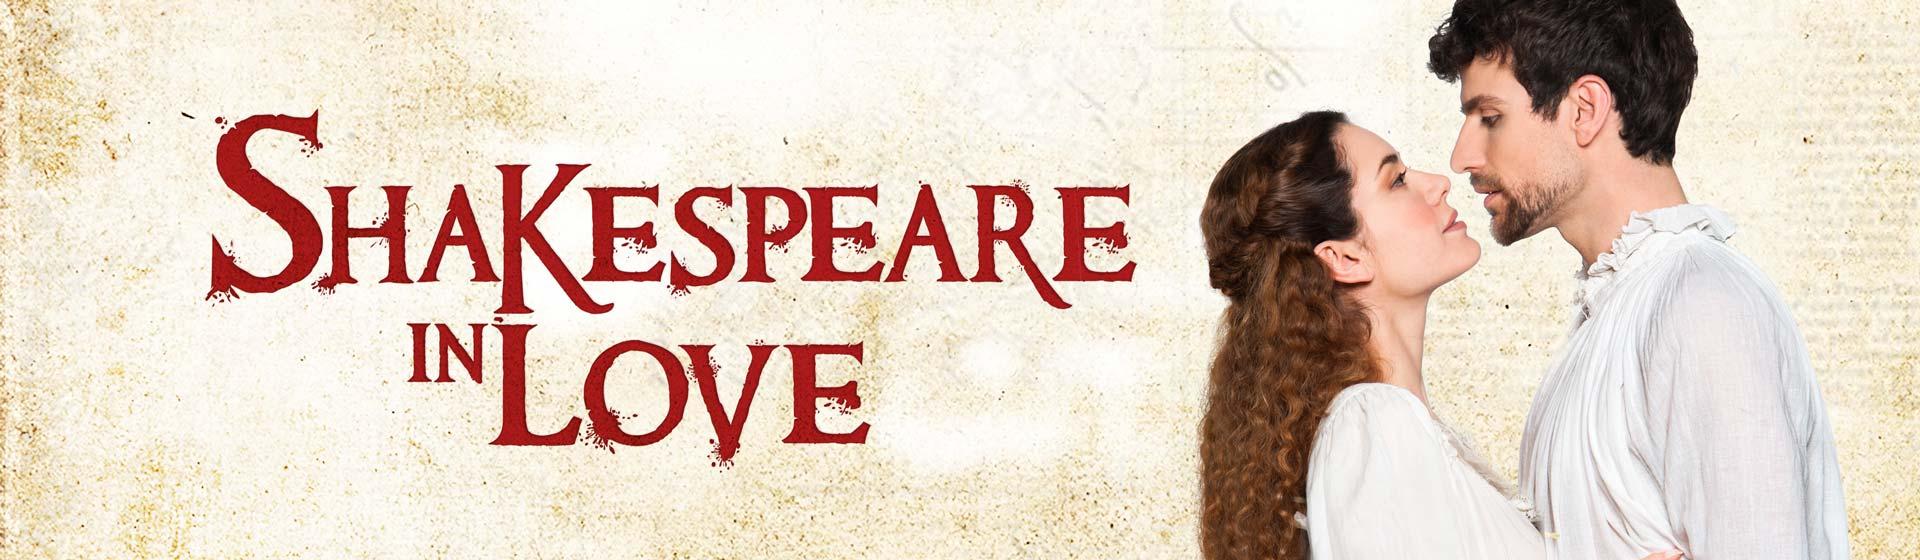 Risultati immagini per brancaccio shakespeare in love